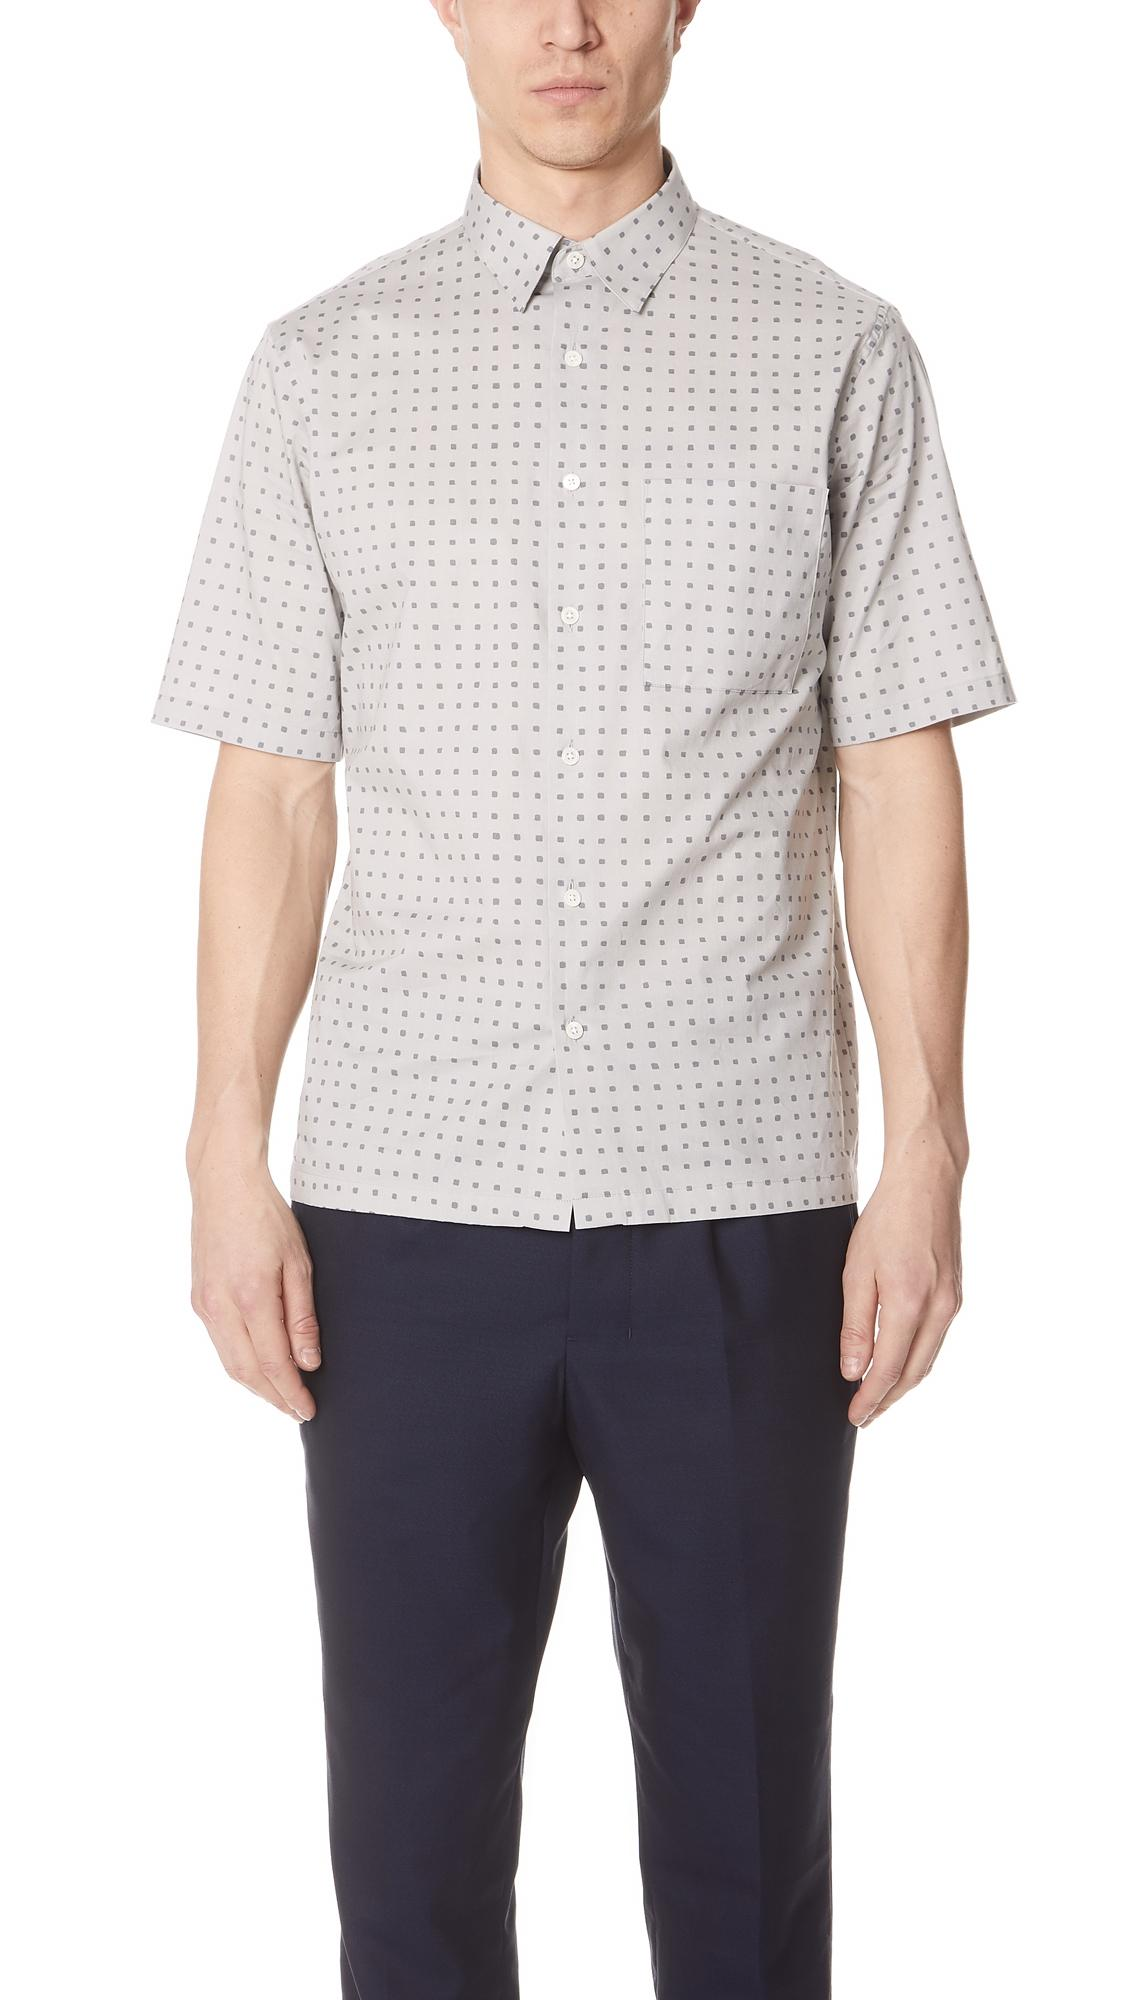 Bruner Dot Print Short Sleeve Shirt in Seed Multi